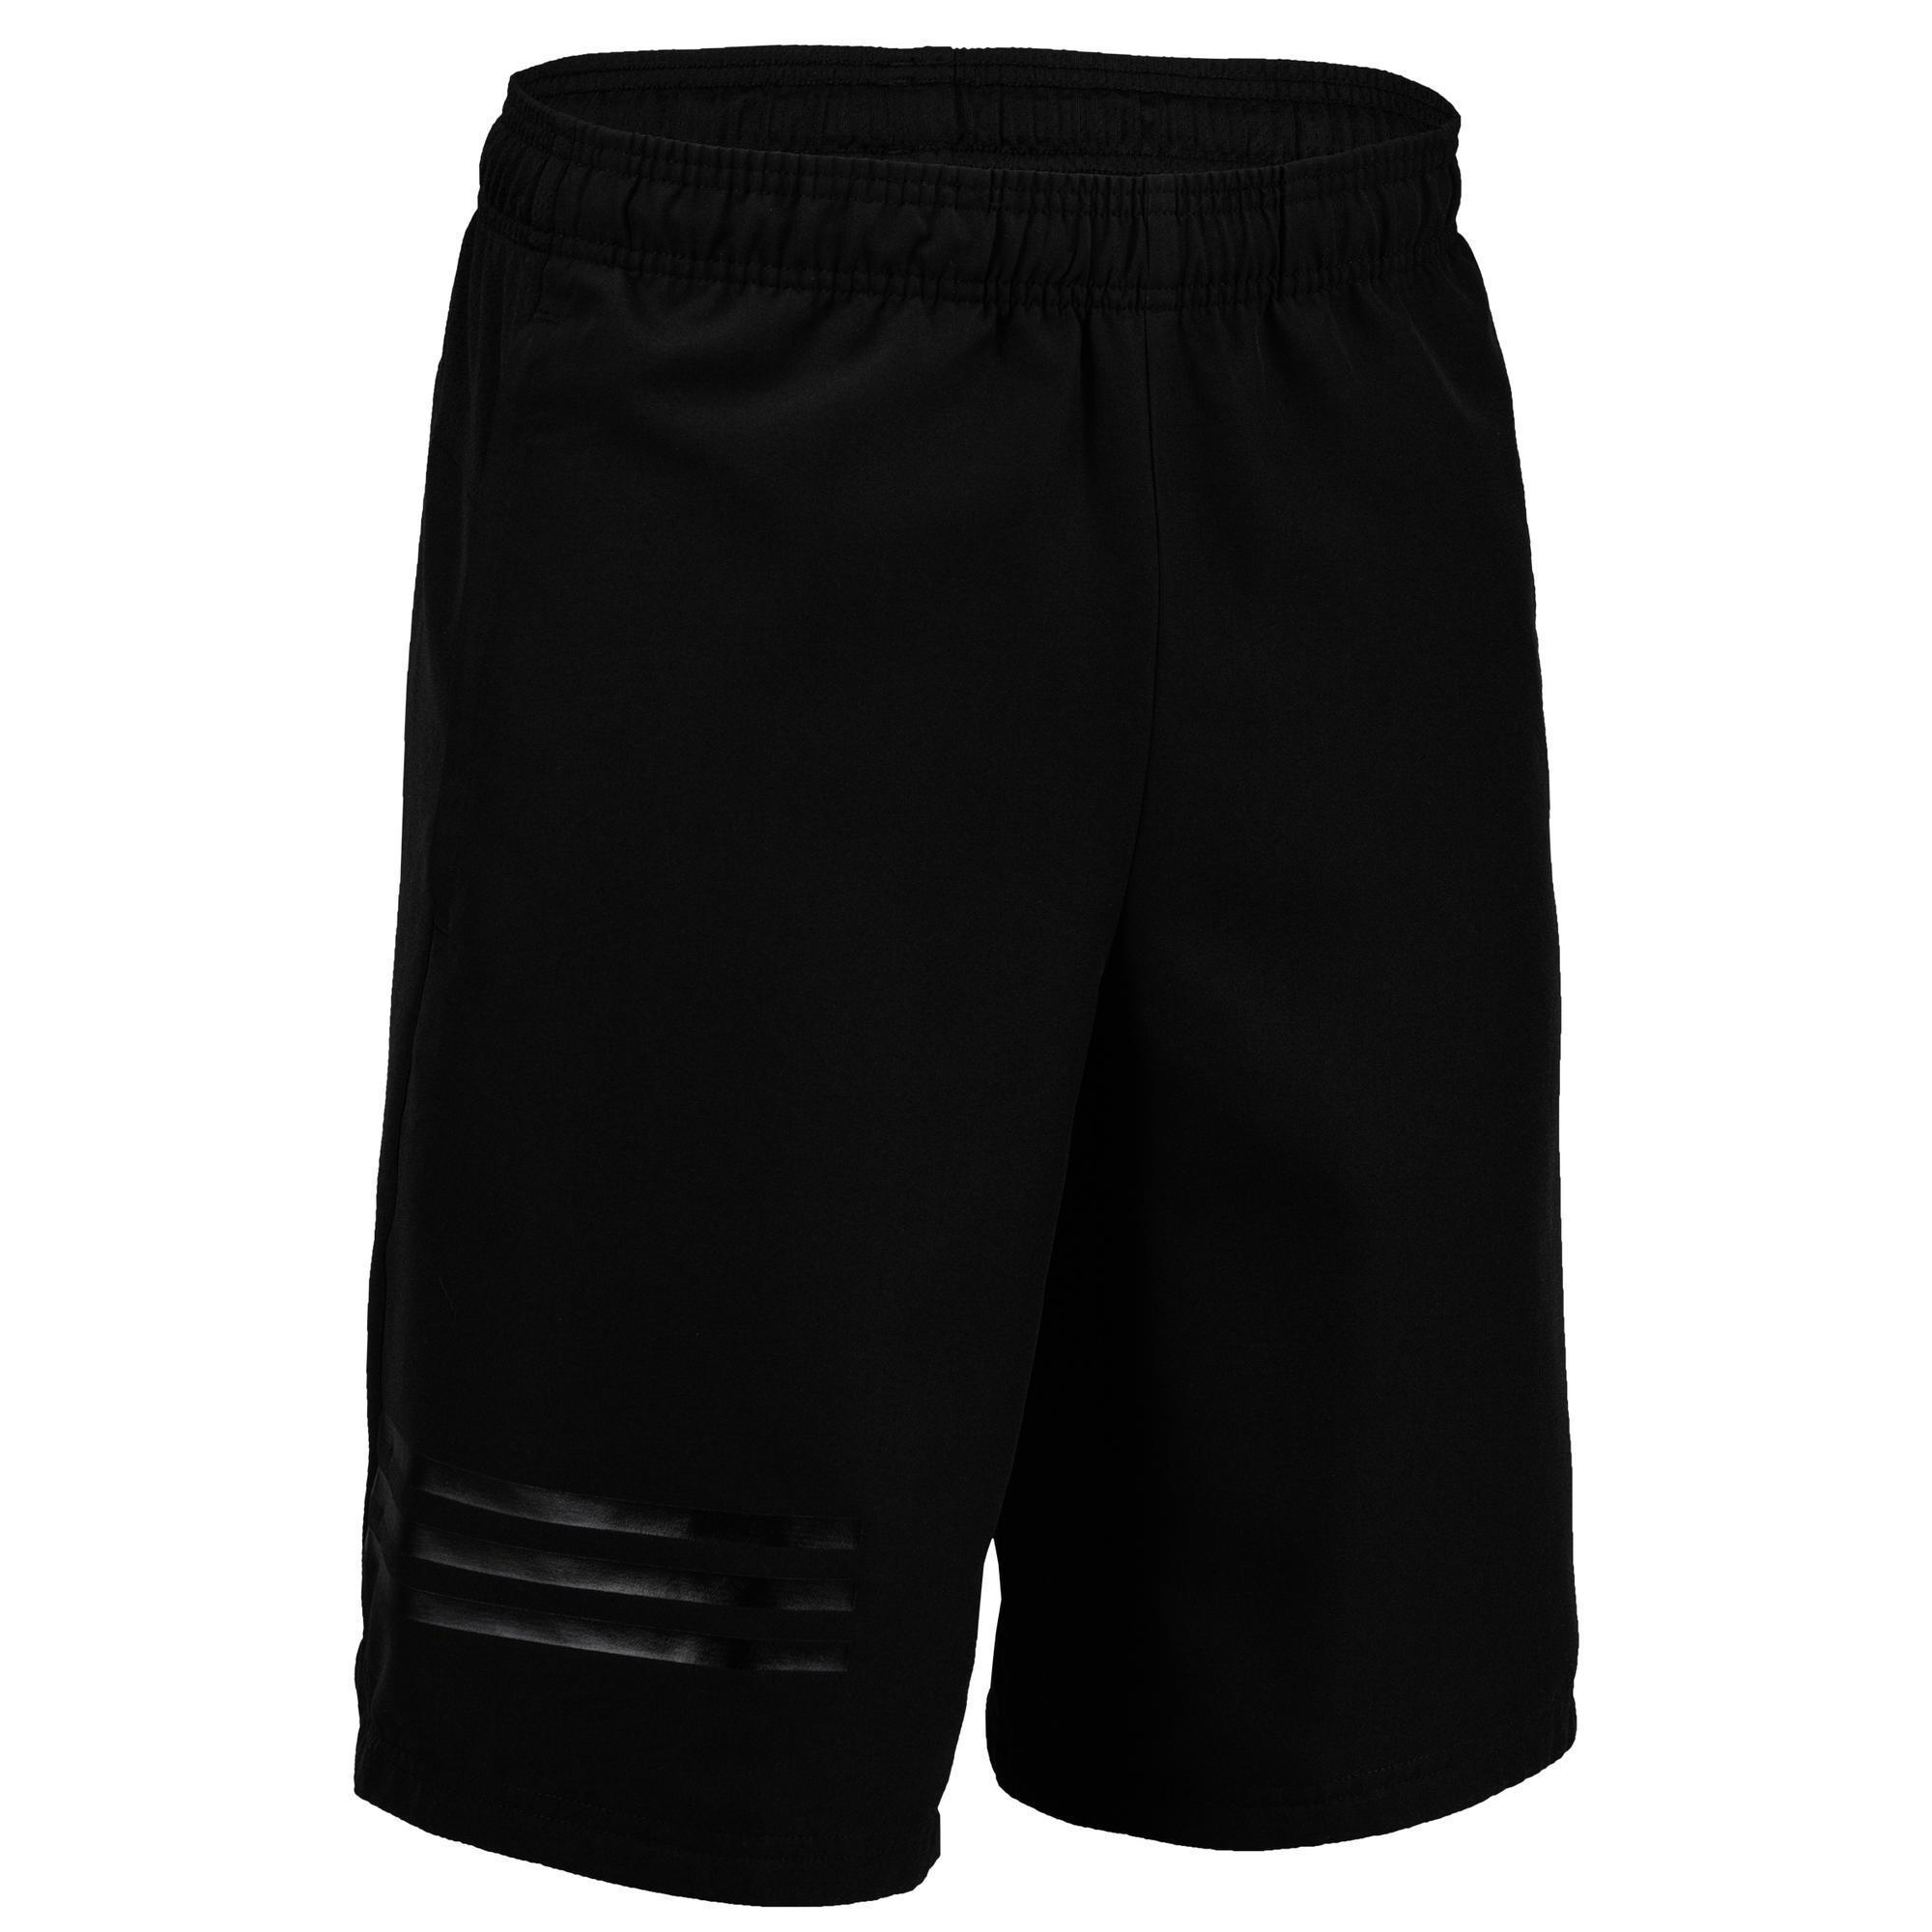 Adidas Sportbroekje fitness Adidas voor heren, zwart